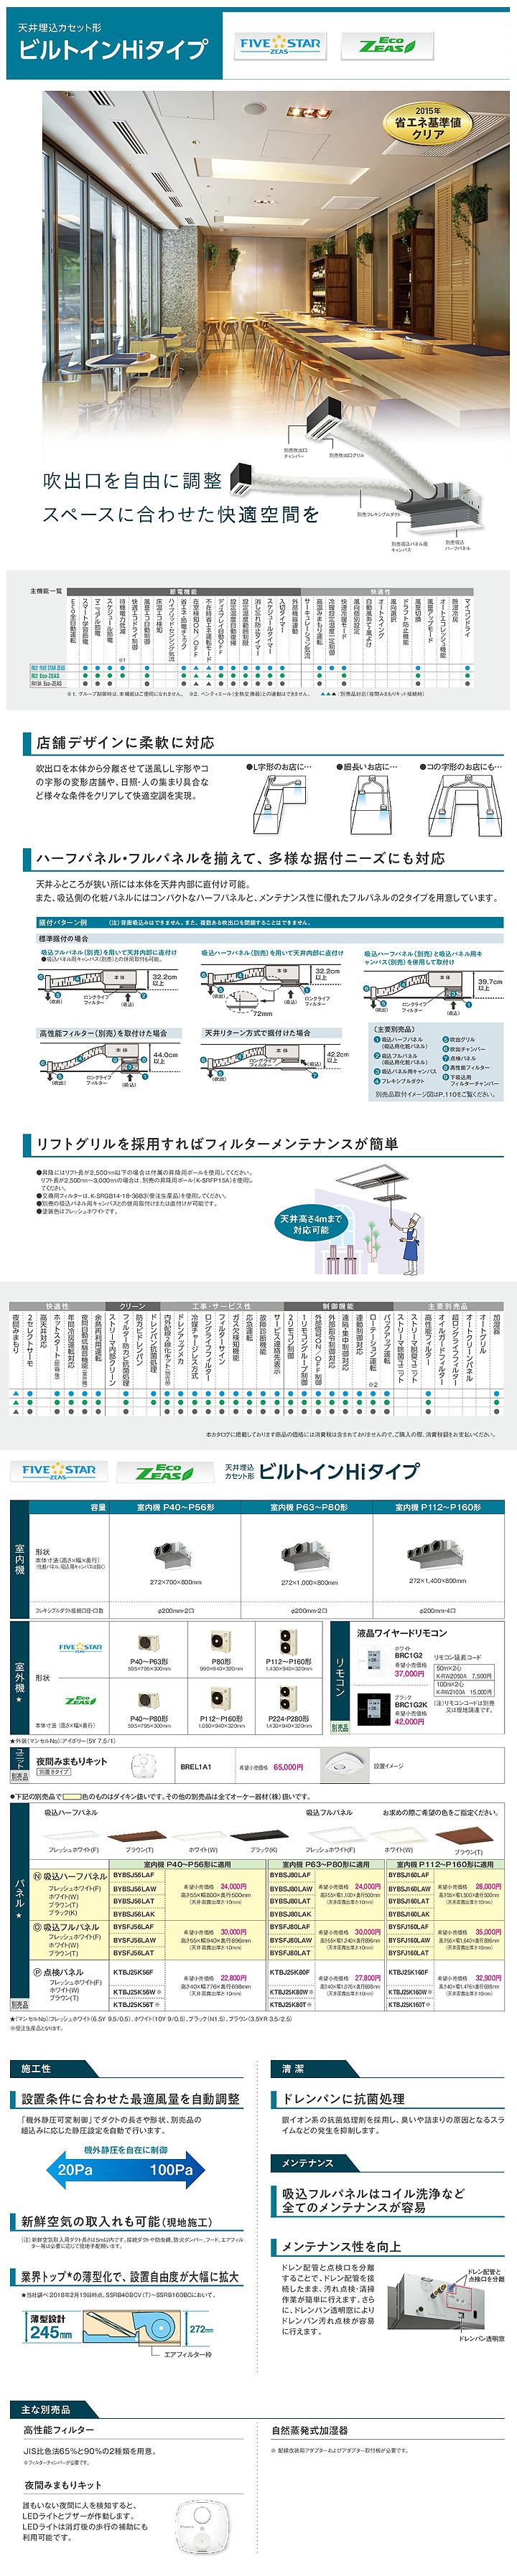 ダイキン SSRB45BCT 業務用エアコン